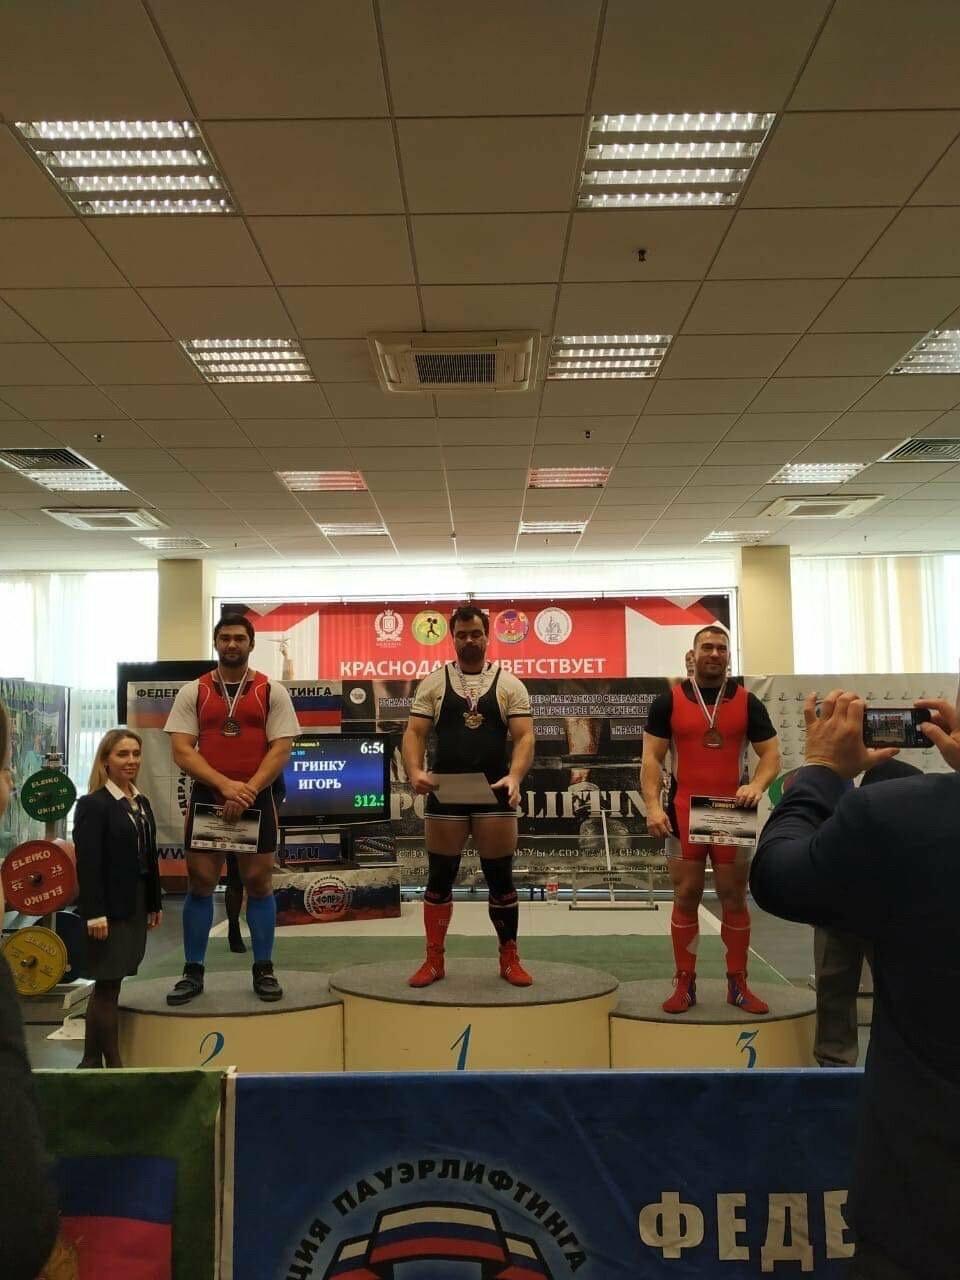 Спортсмены из Ялты - призёры соревнований по троеборью в Краснодаре , фото-3